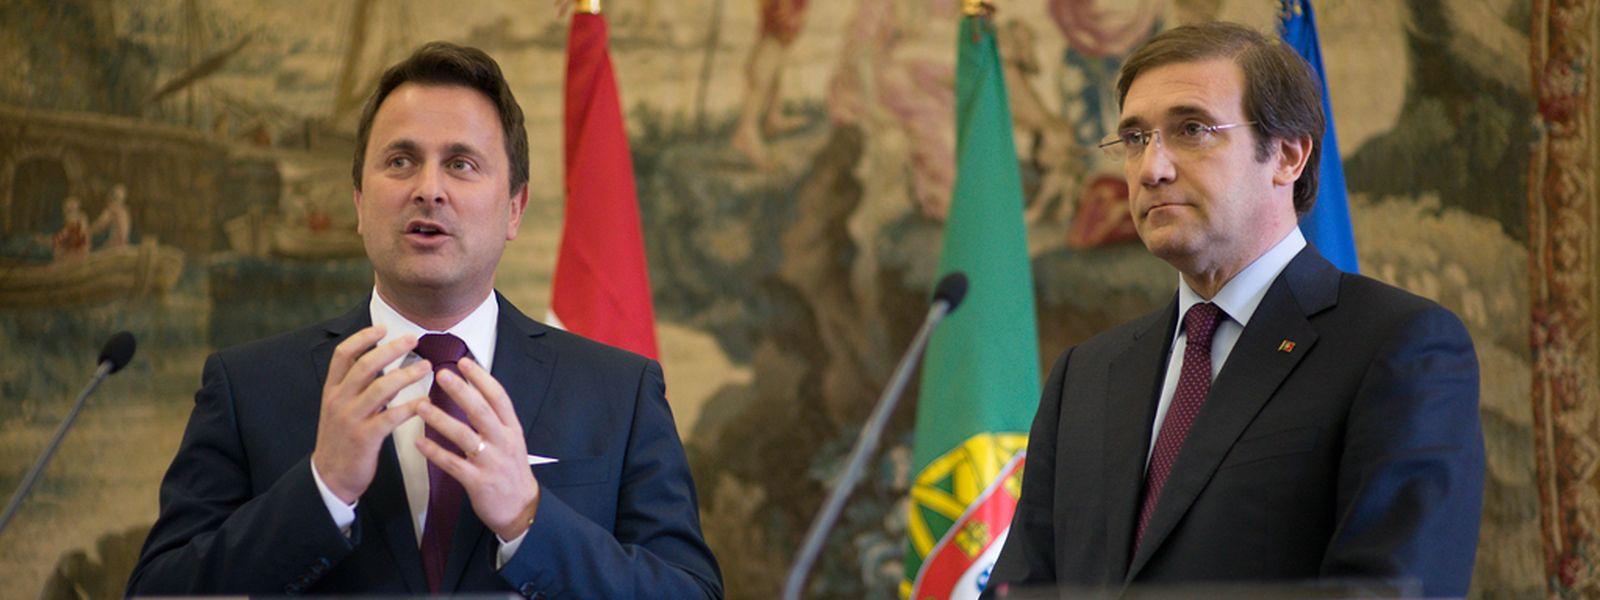 Xavier Bettel et Pedro Passos Coelho lors d'une rencontre officielle à Lisbonne en mars dernier